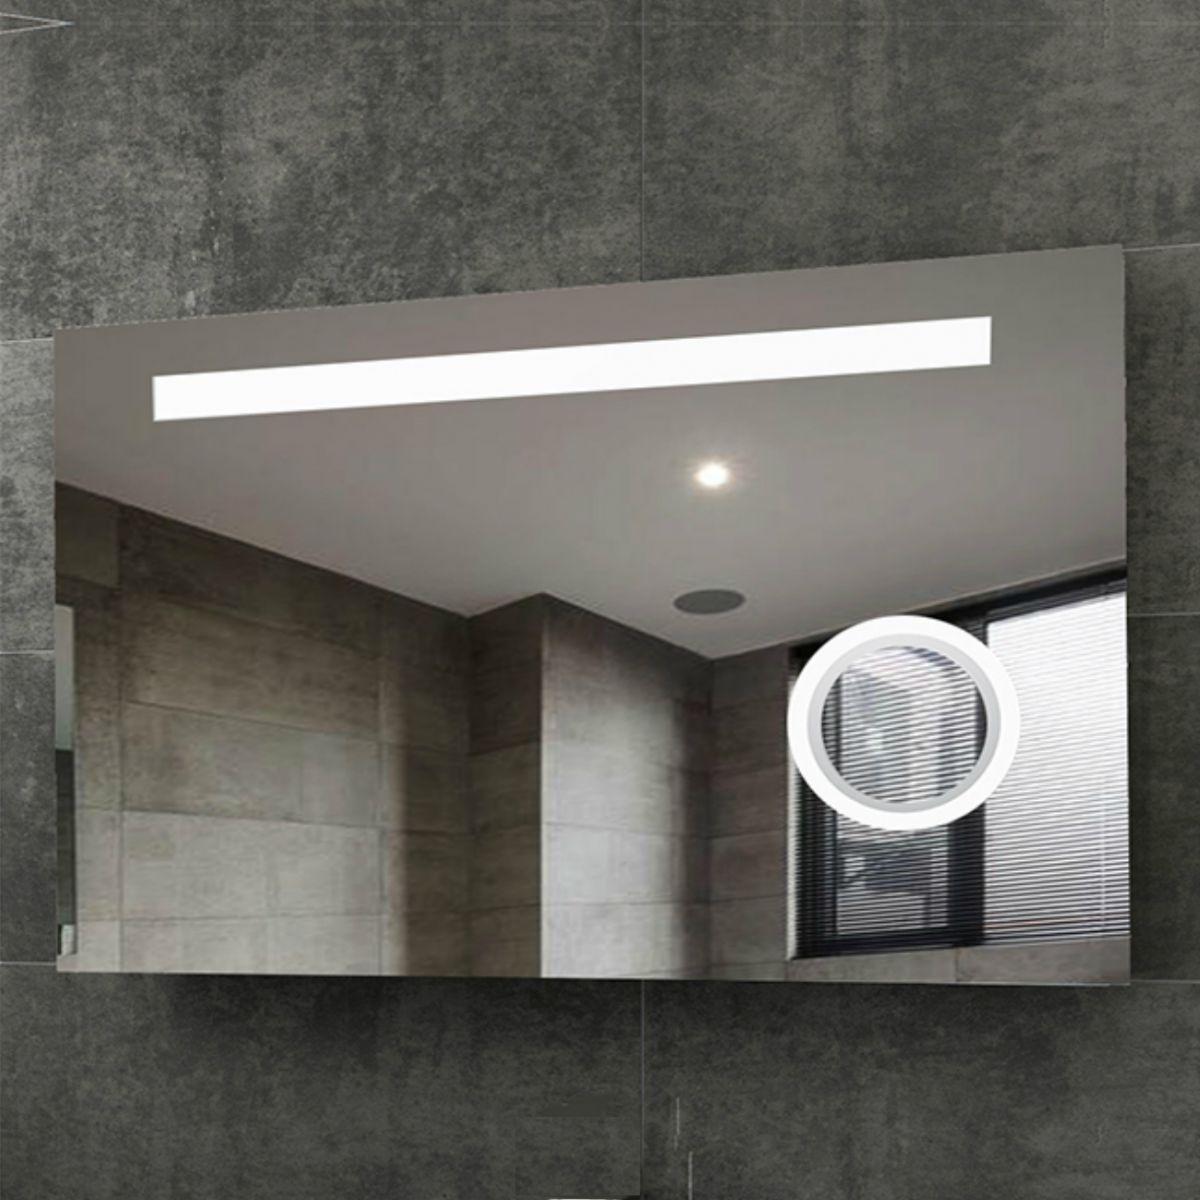 Specchio led retroilluminato 60x120 cm extra big 749 692 Specchio da Bagno